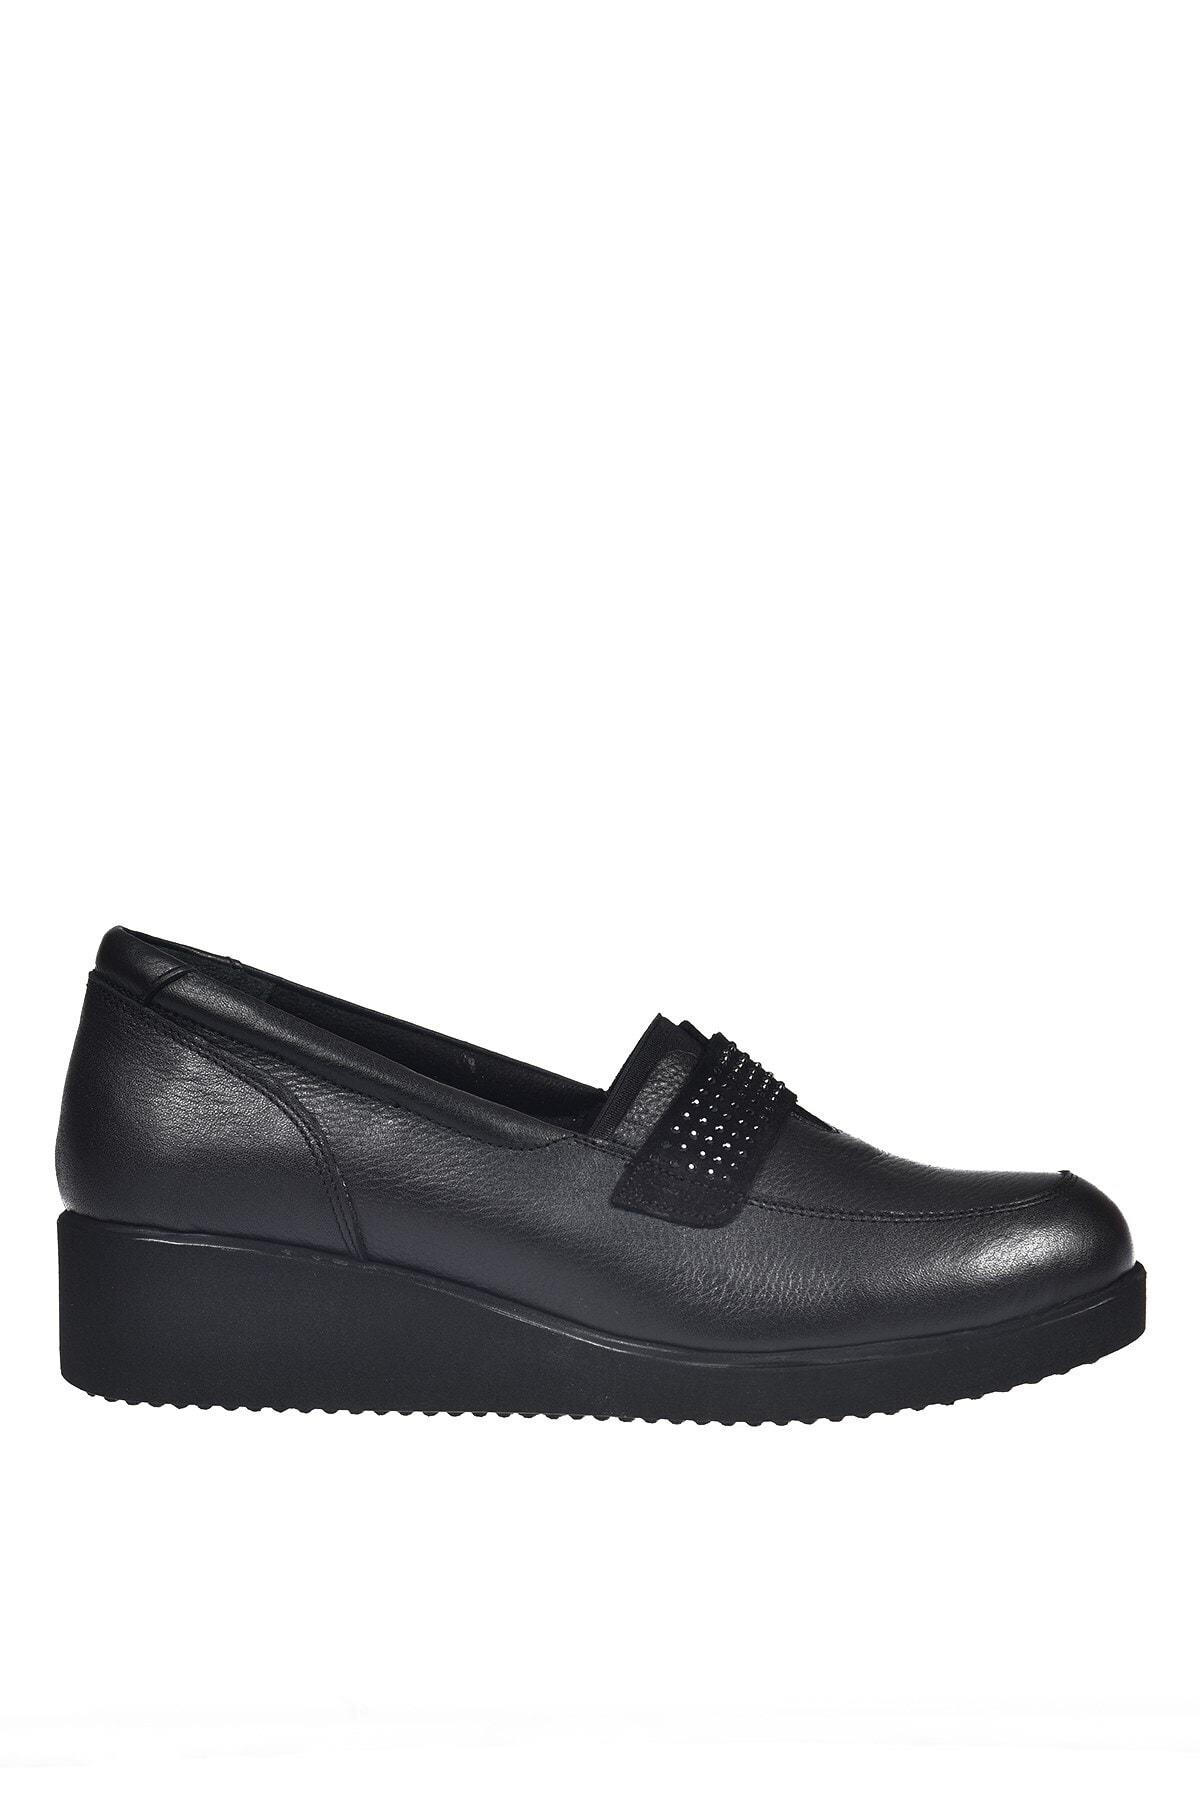 Üçel 3543 Hakiki Deri Kadın Ayakkabı Siyah